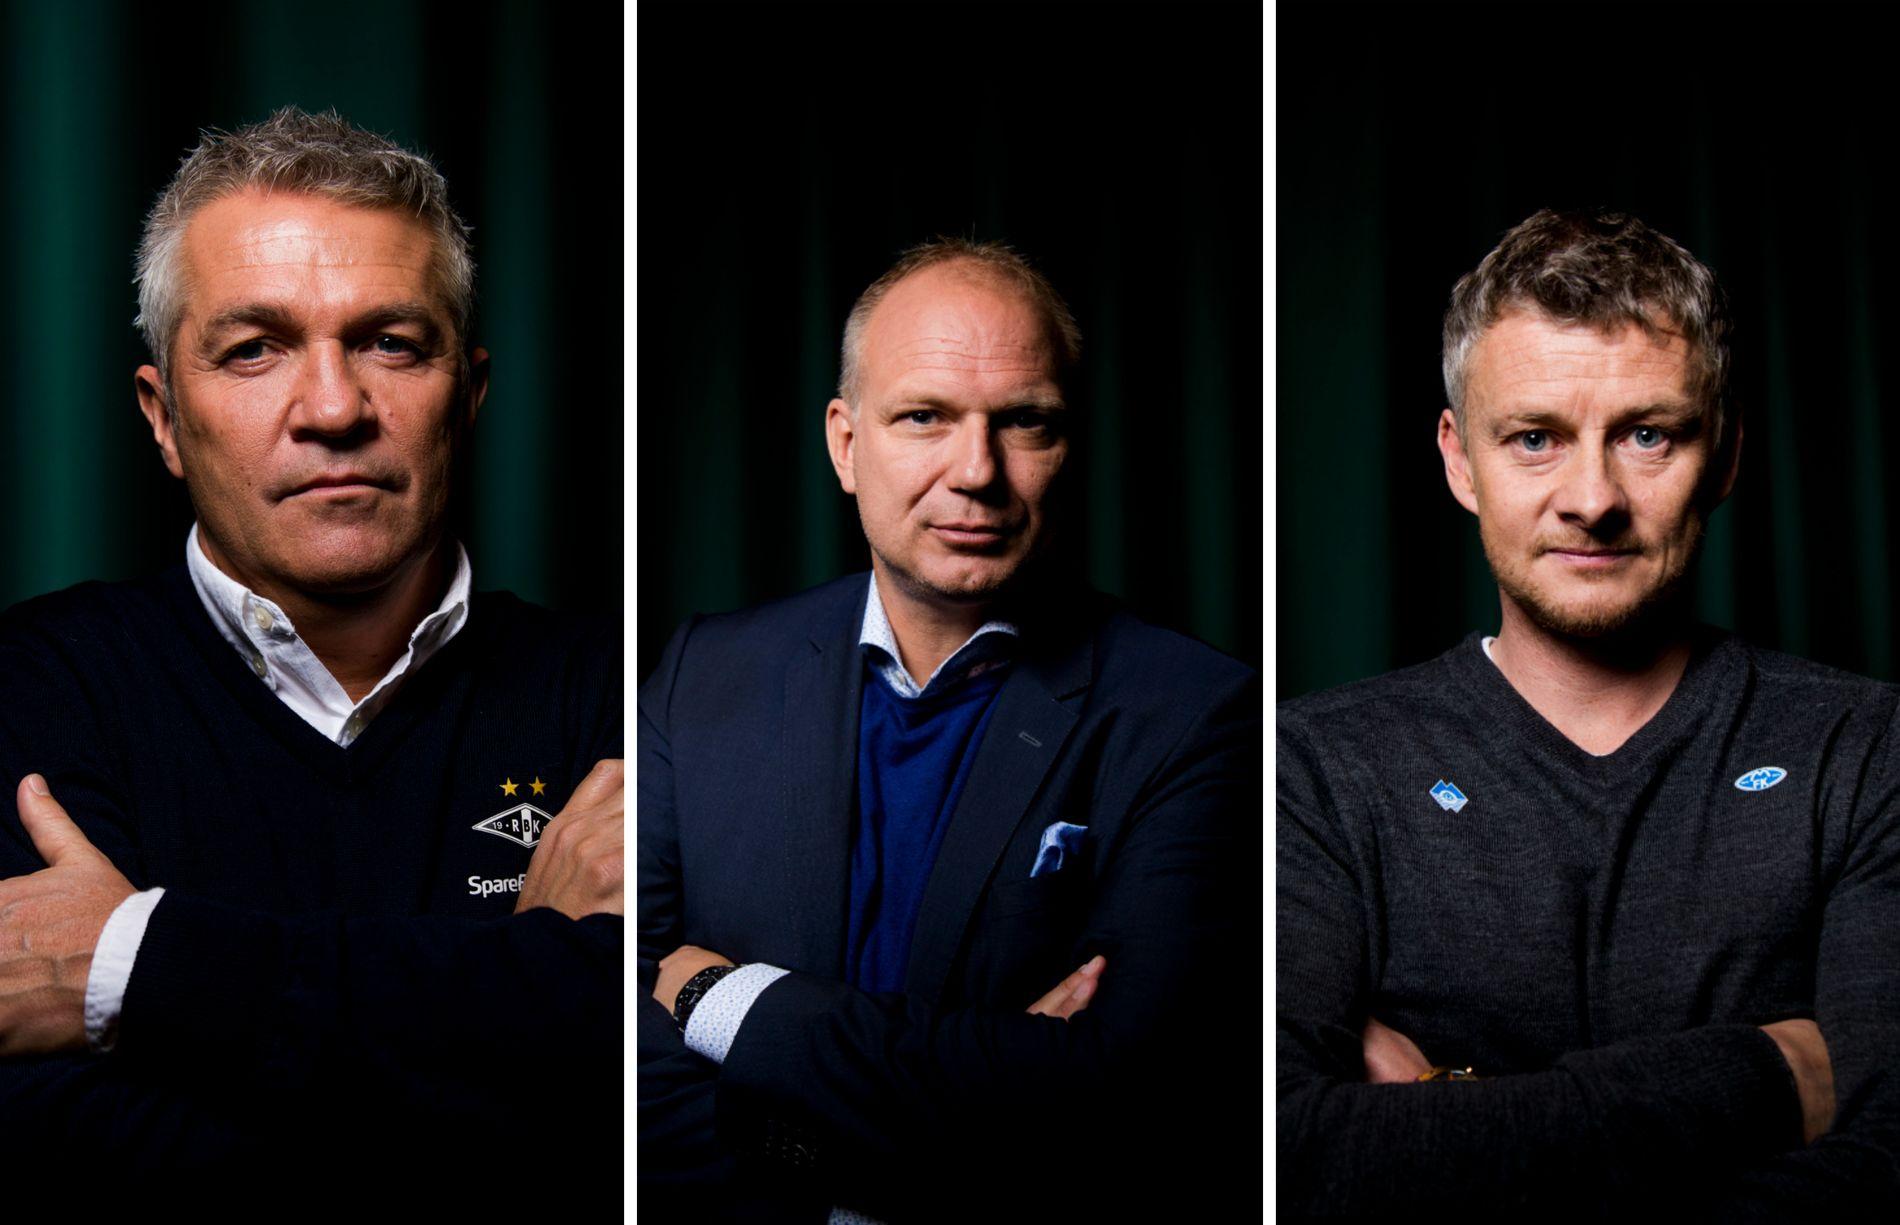 FAVORITTER: Kåre Ingebrigtsens RBK, Dag-Eilev Fagermos Odd og Ole Gunnar Solskjærs Molde er ekspertenes favoritter til å ta Eliteserie-medaljene.